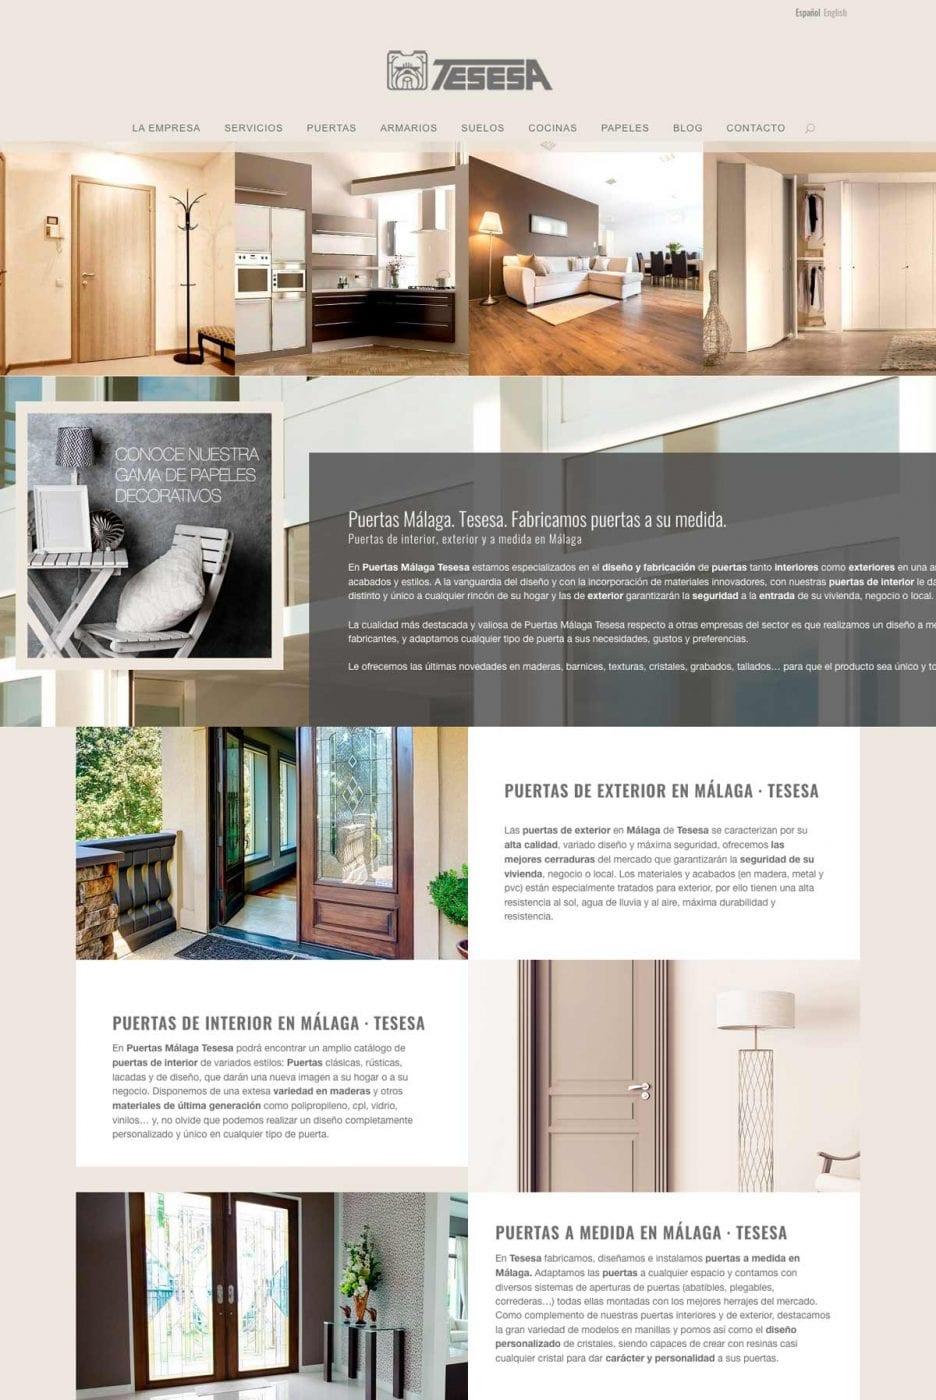 diseño de landing page para servicios de empresa